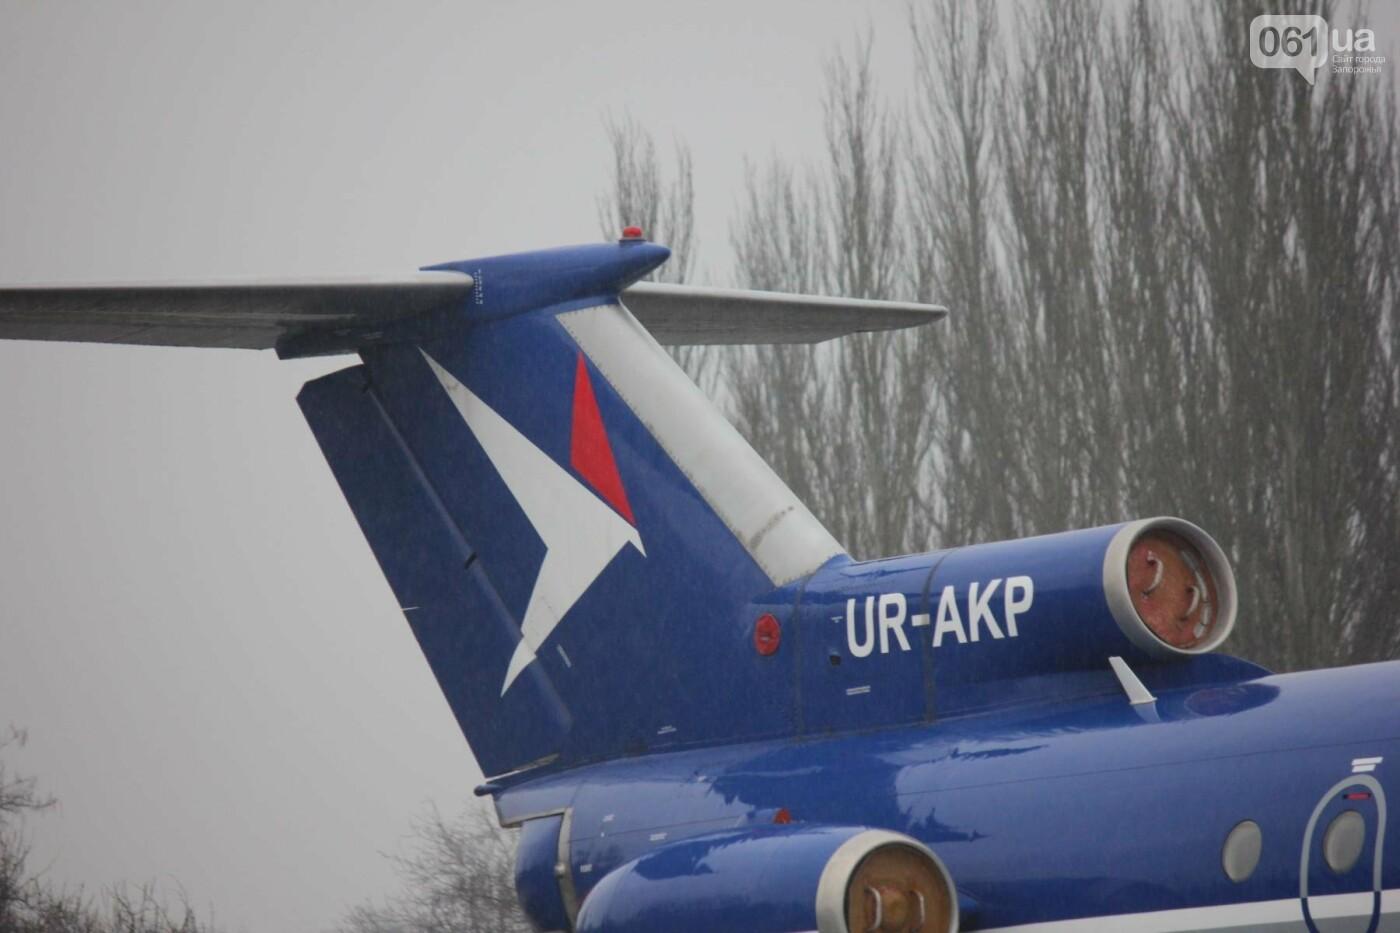 В Запорожье конфискованный самолет ЯК-40 отдали для обучения студентов летной академии, — ФОТОРЕПОРТАЖ, фото-4